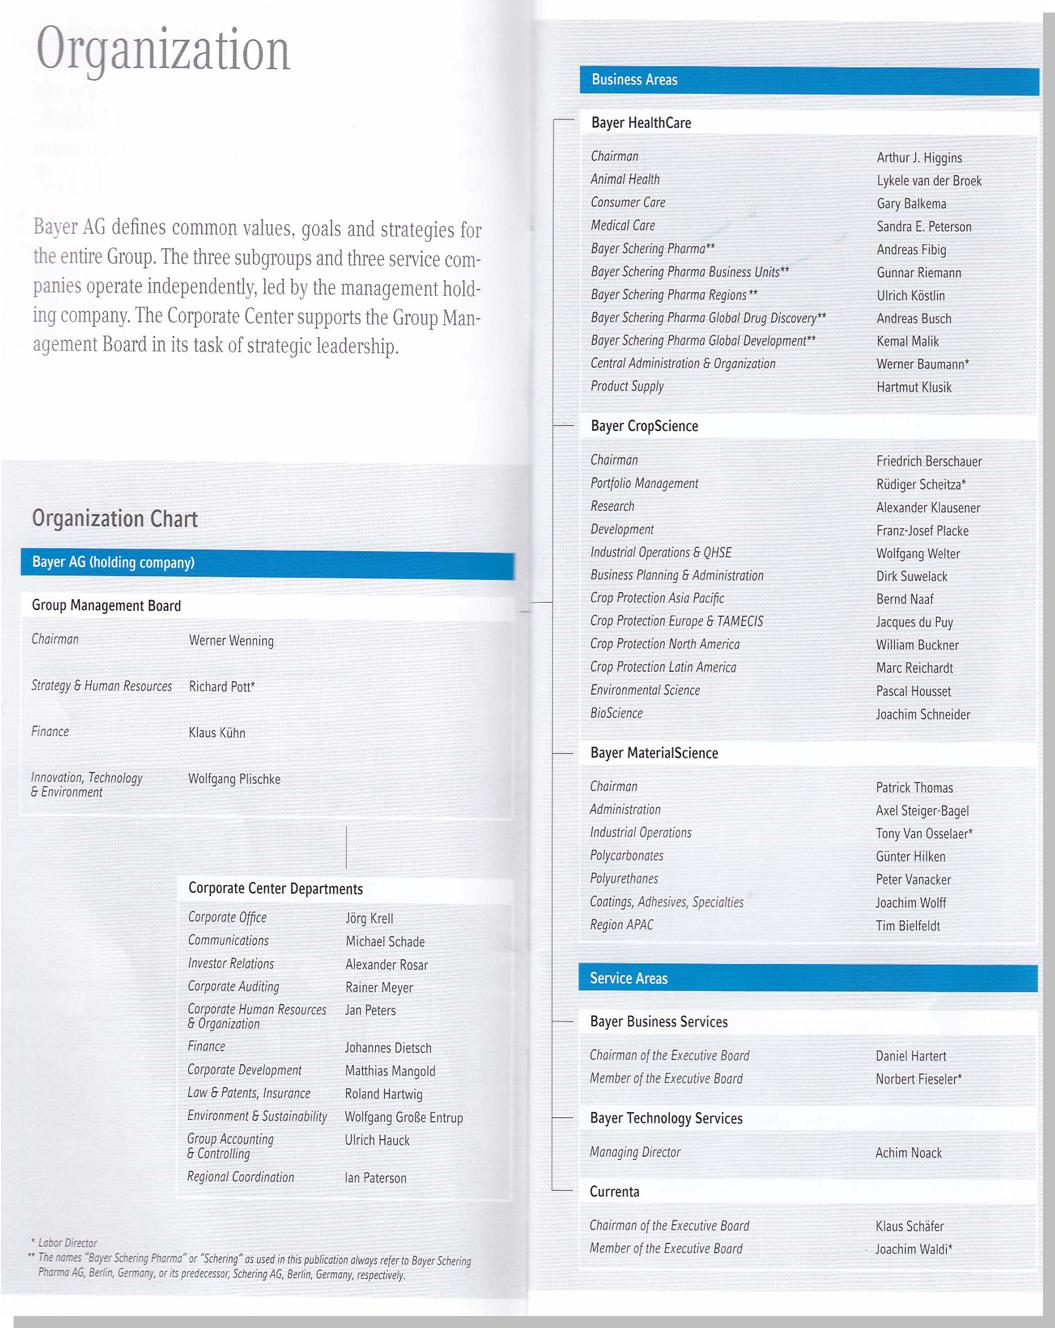 Organization Chart of BCS